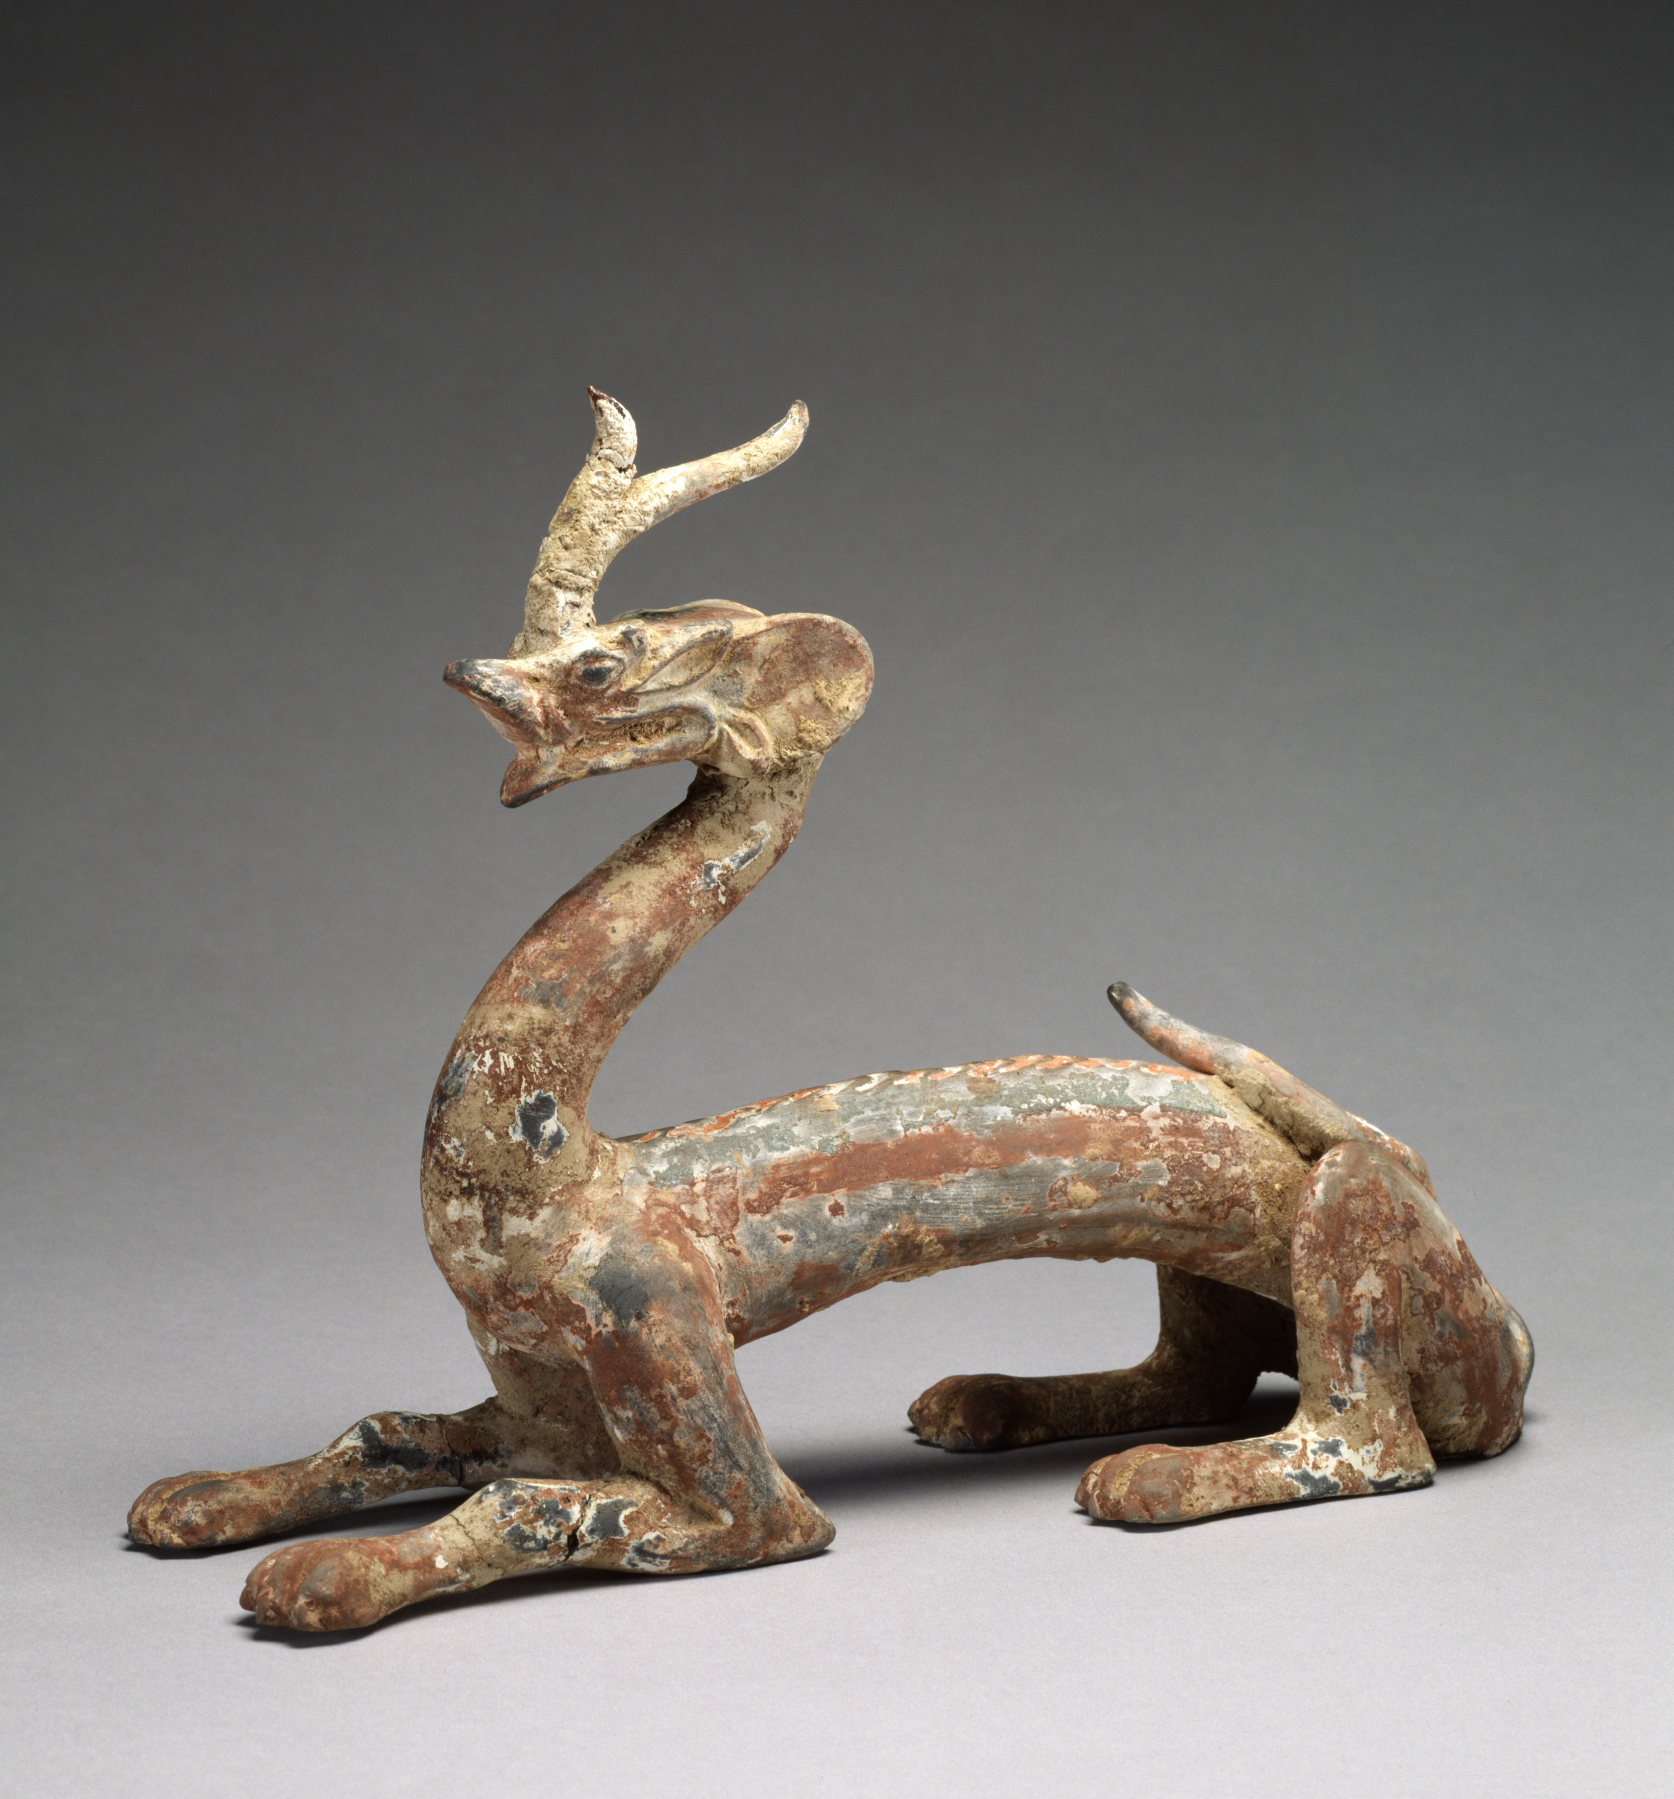 Filechinese dragon walters 492425 profileg wikimedia filechinese dragon walters 492425 profileg buycottarizona